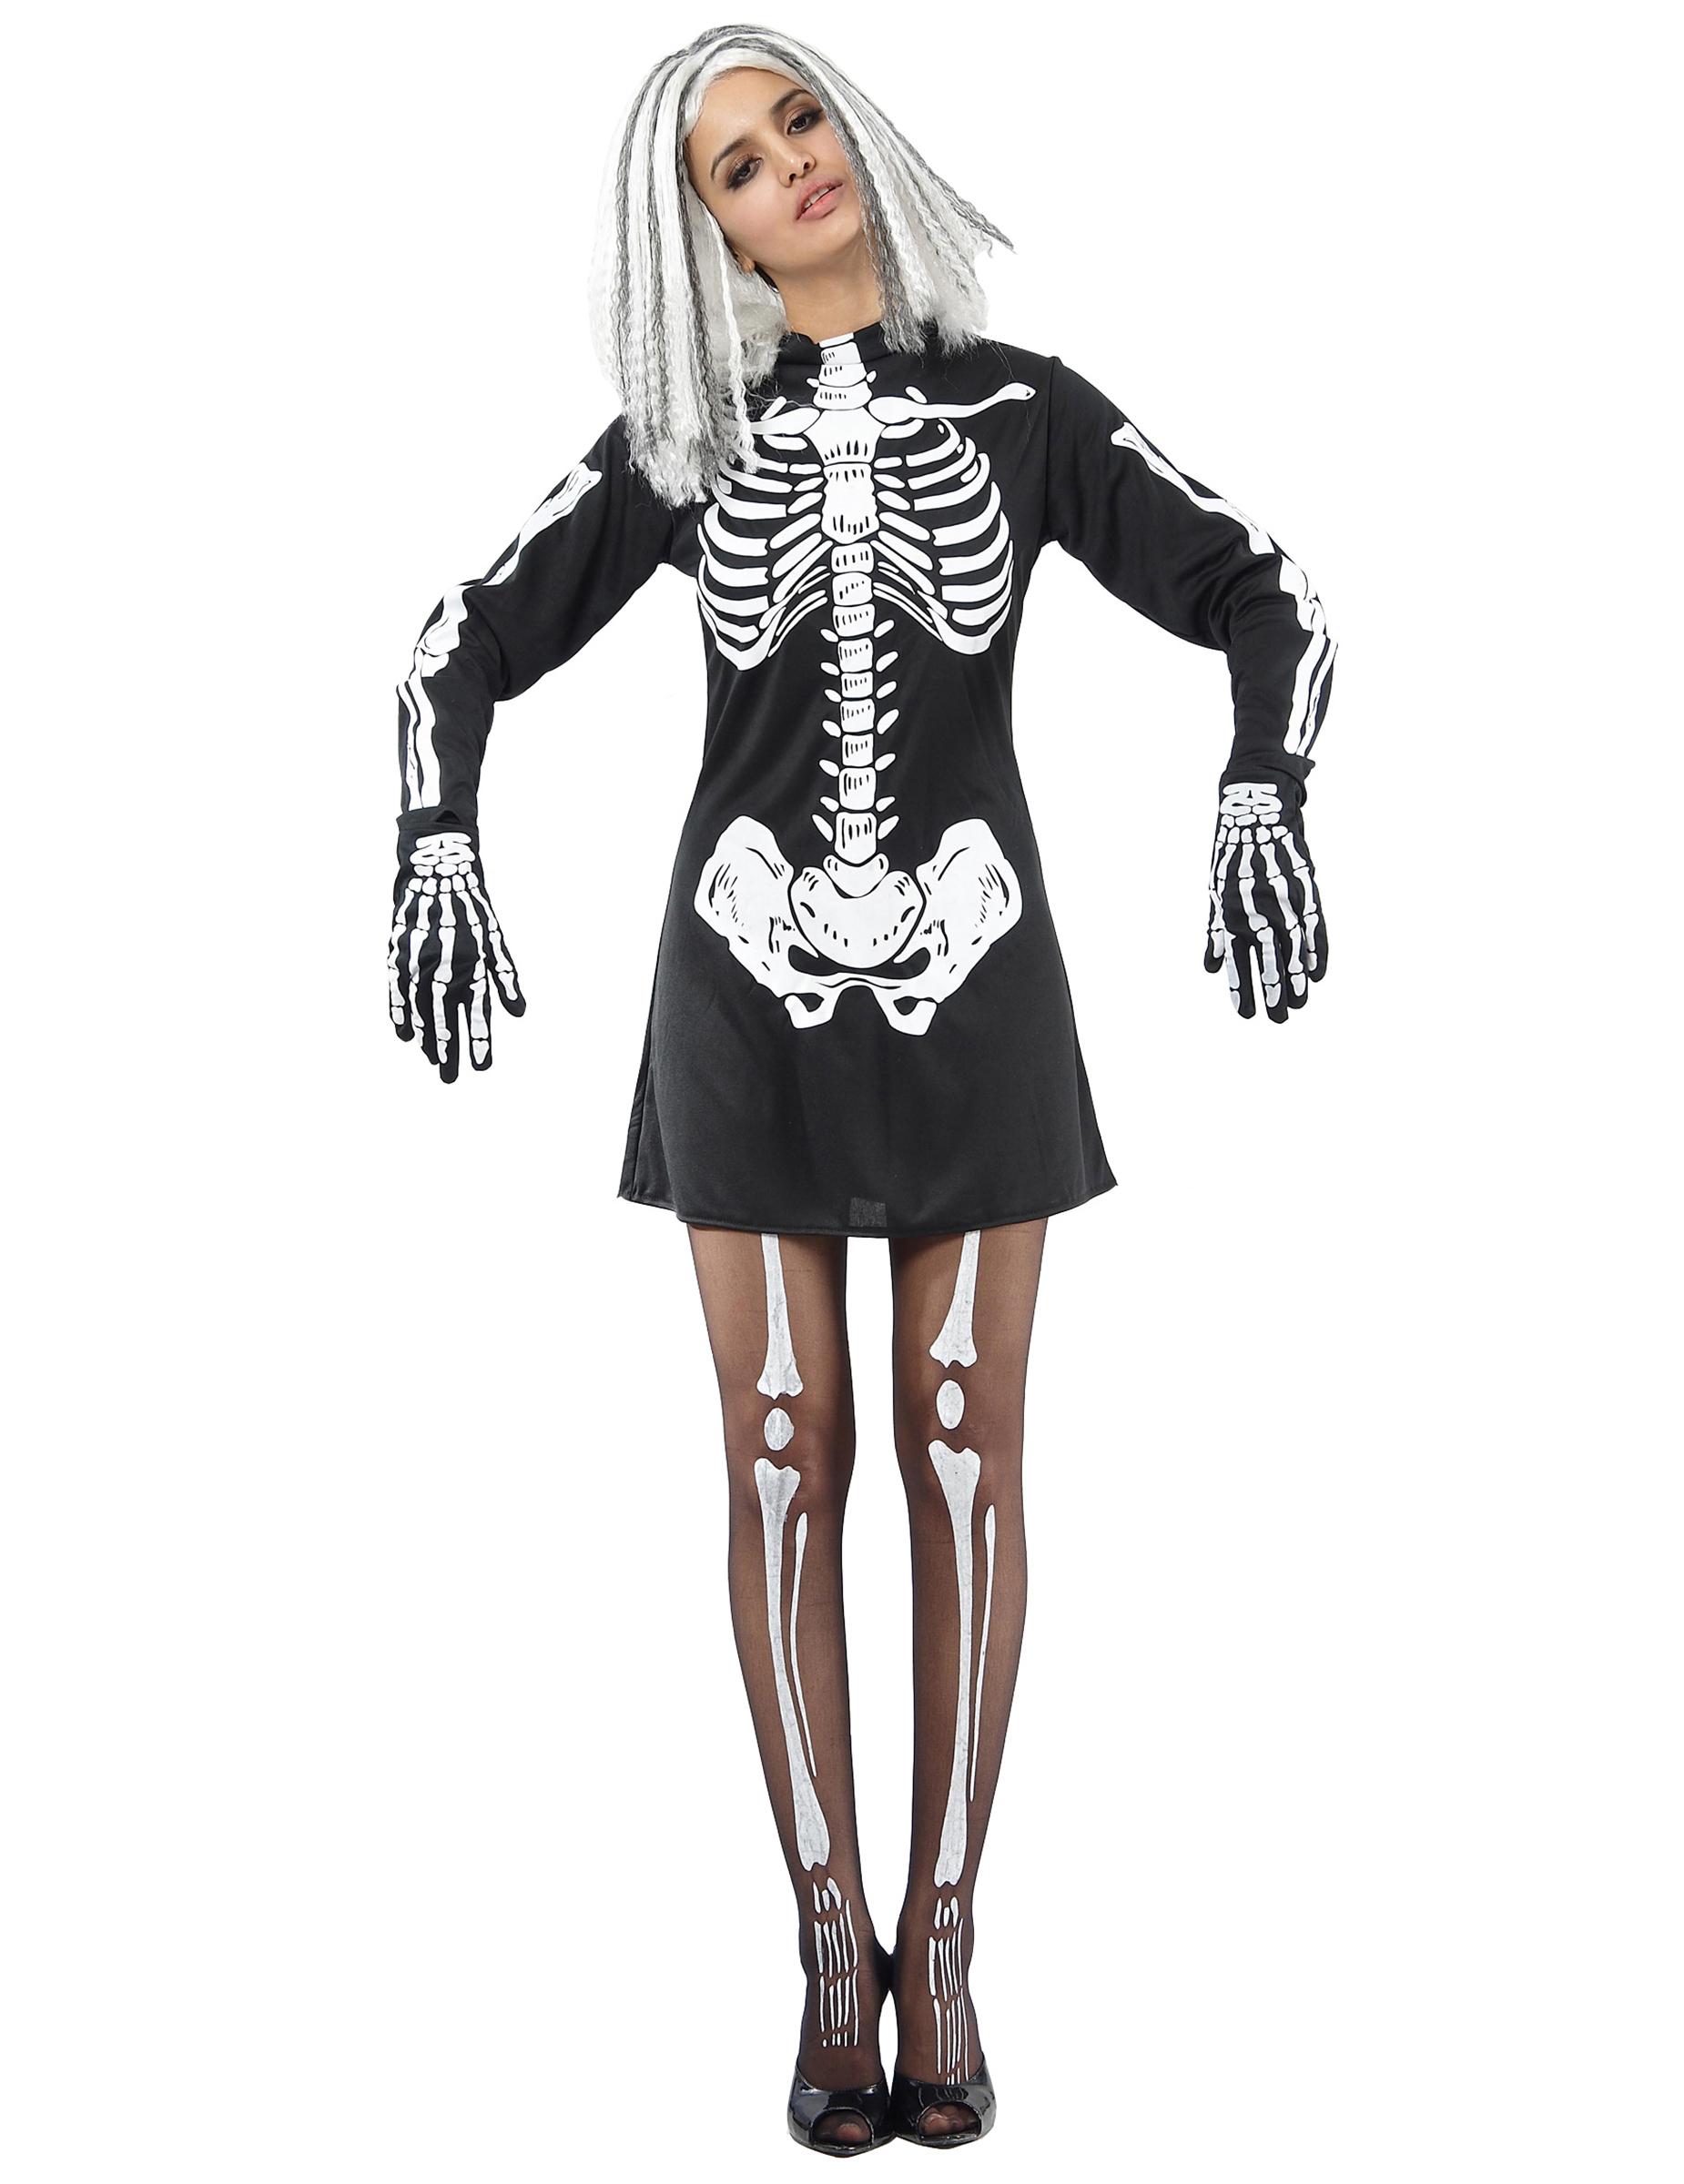 905865d91047 Vestiti di Halloween horror per uomo e donna - Vegaoo.it